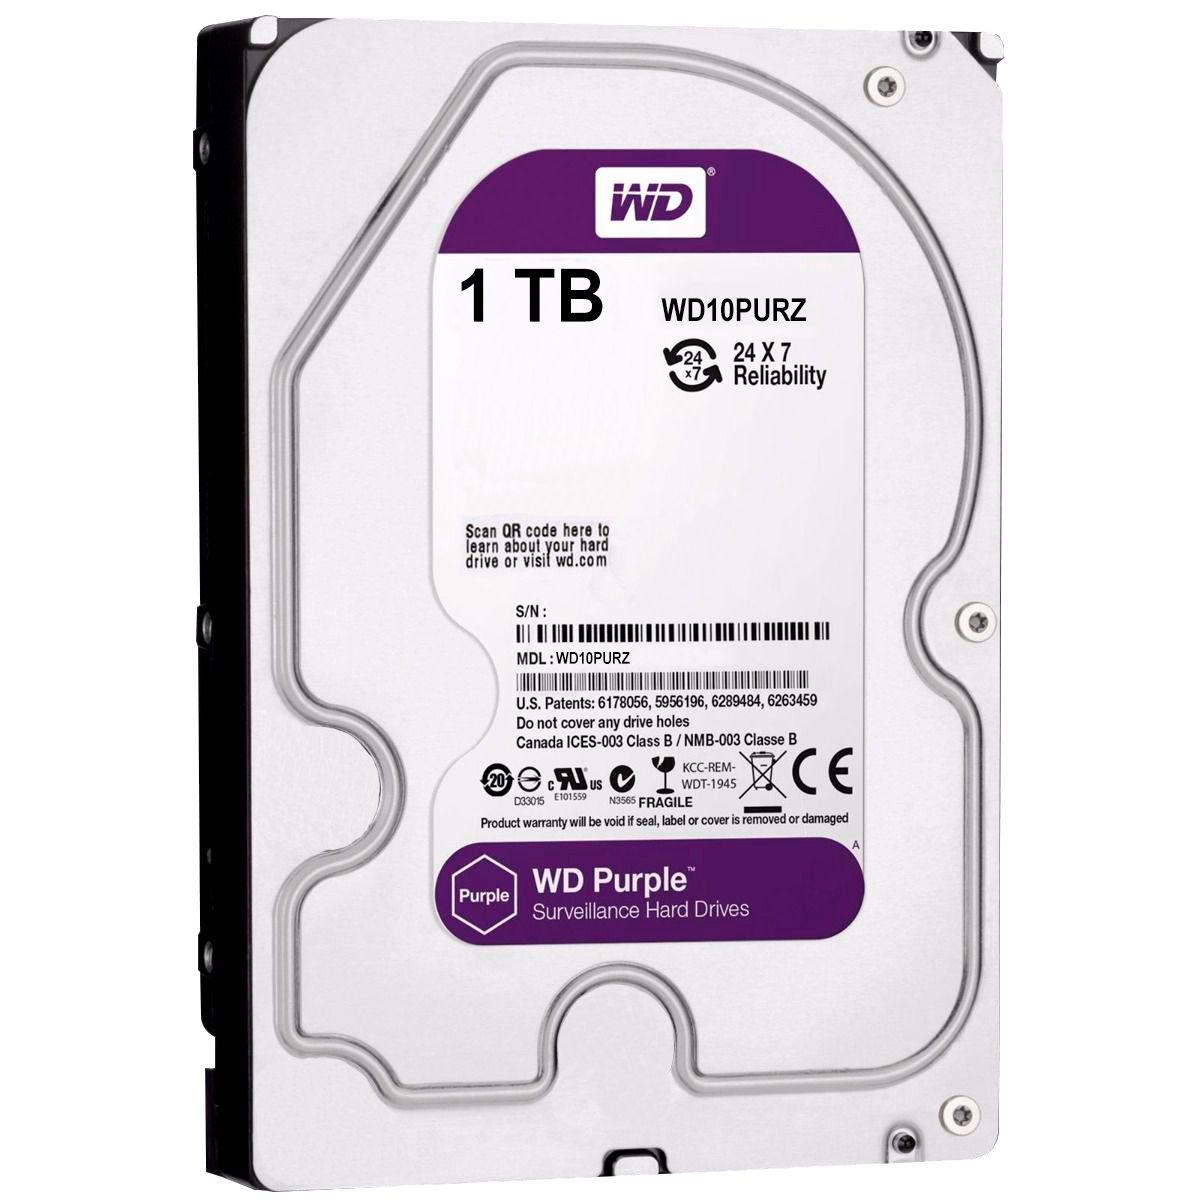 Kit 03 Câmeras IP Full HD Intelbras VIP 3220 B + NVD 1204 + HD WD Purple 1TB  - Tudo Forte